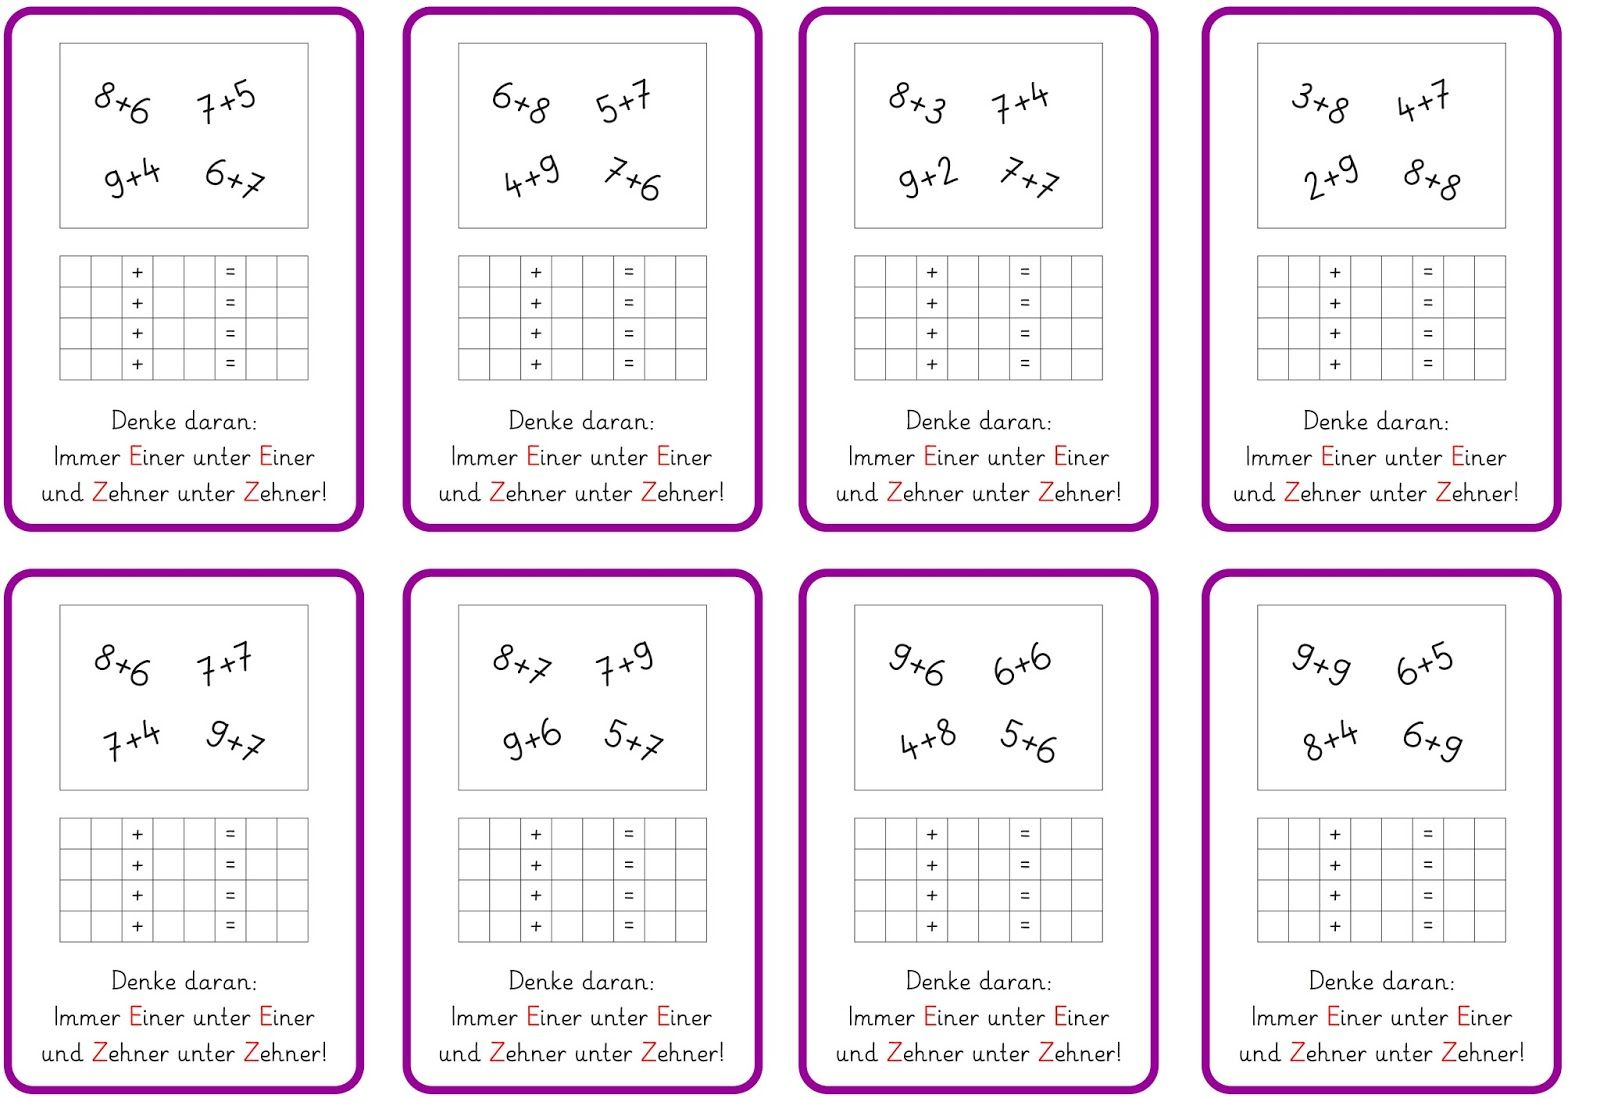 hier noch einmal ein paar Aufgabenkärtchen   für den Hefteintrag und Kinder,   die zusätzliches Futter gebrauchen können...     LG Gille ...